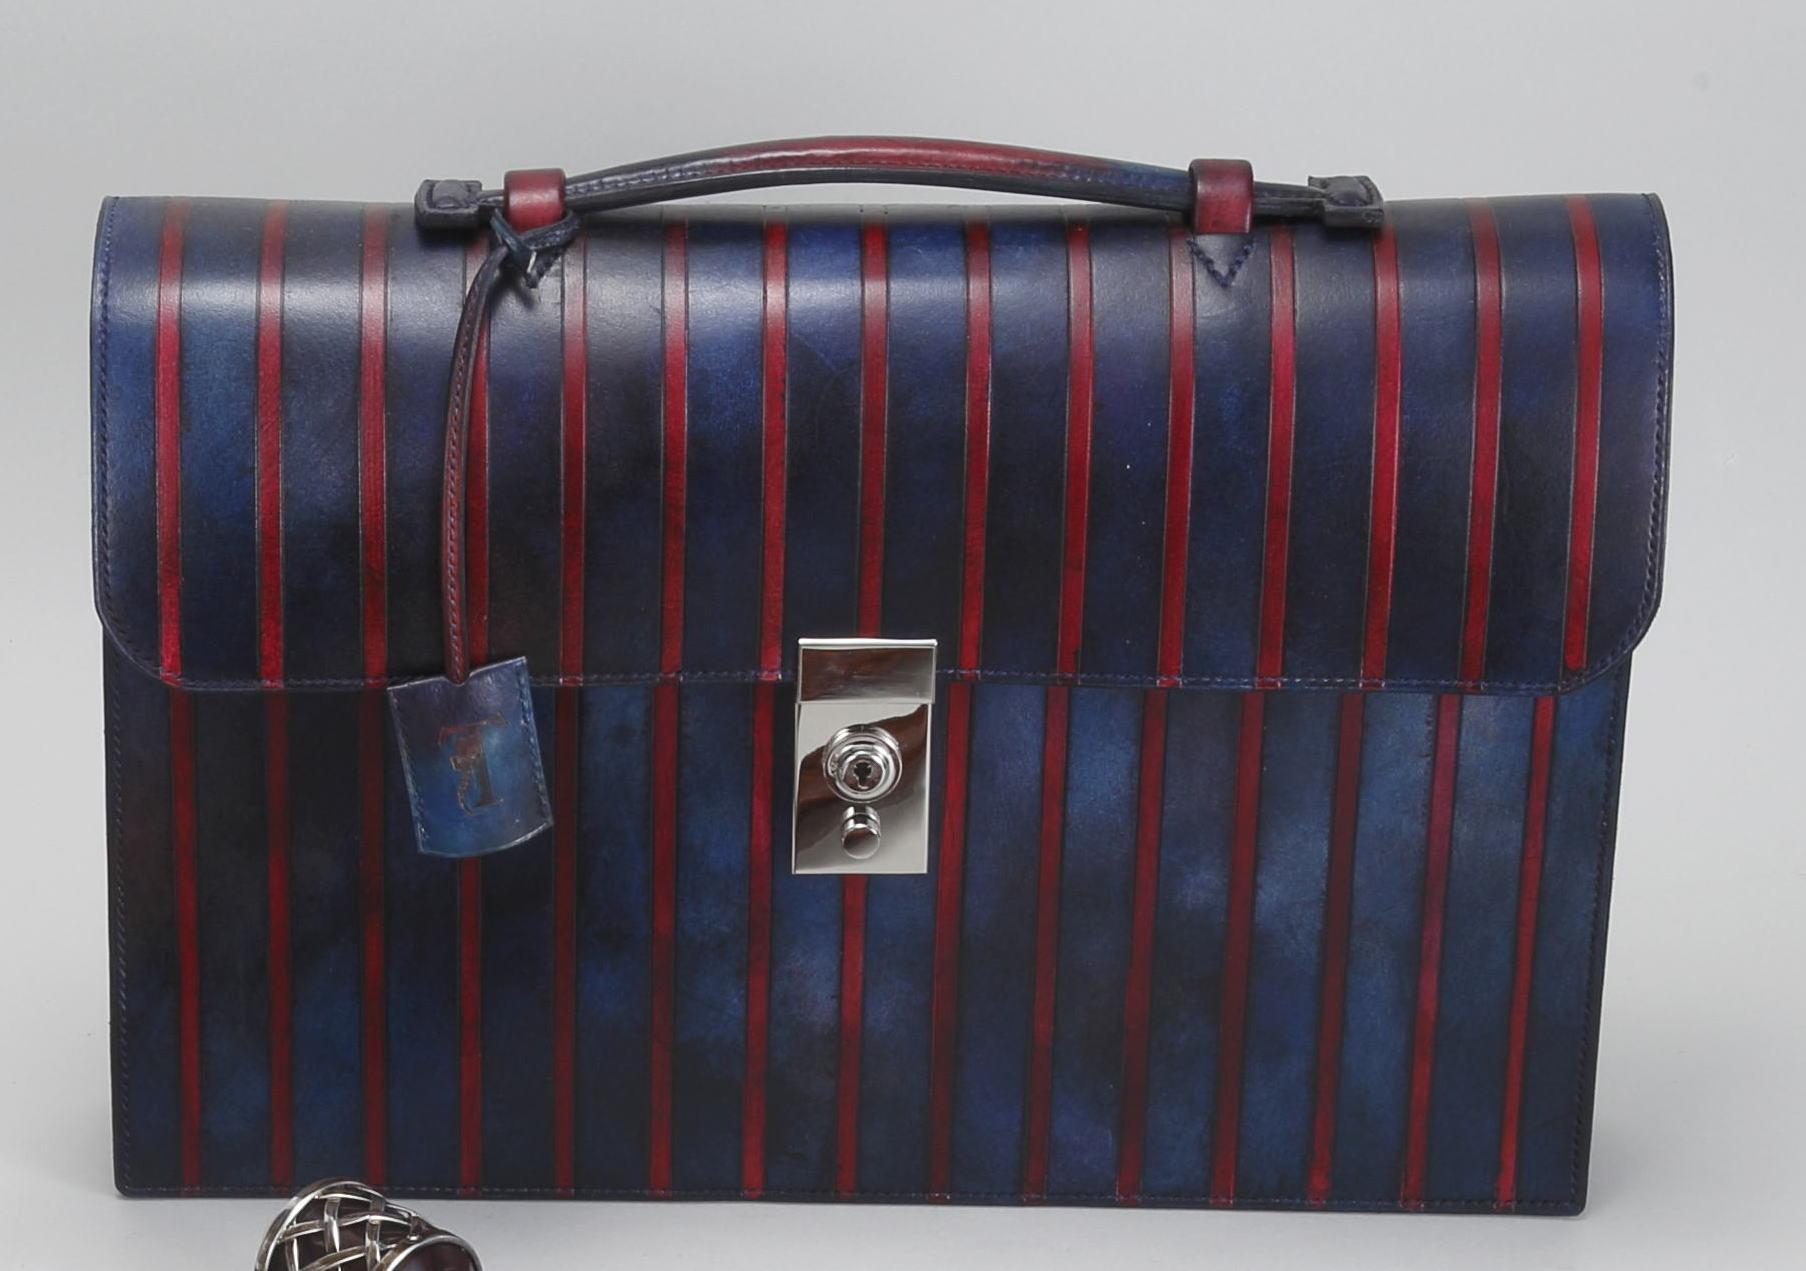 ダラスバッグと同時に注文したビジネス鞄